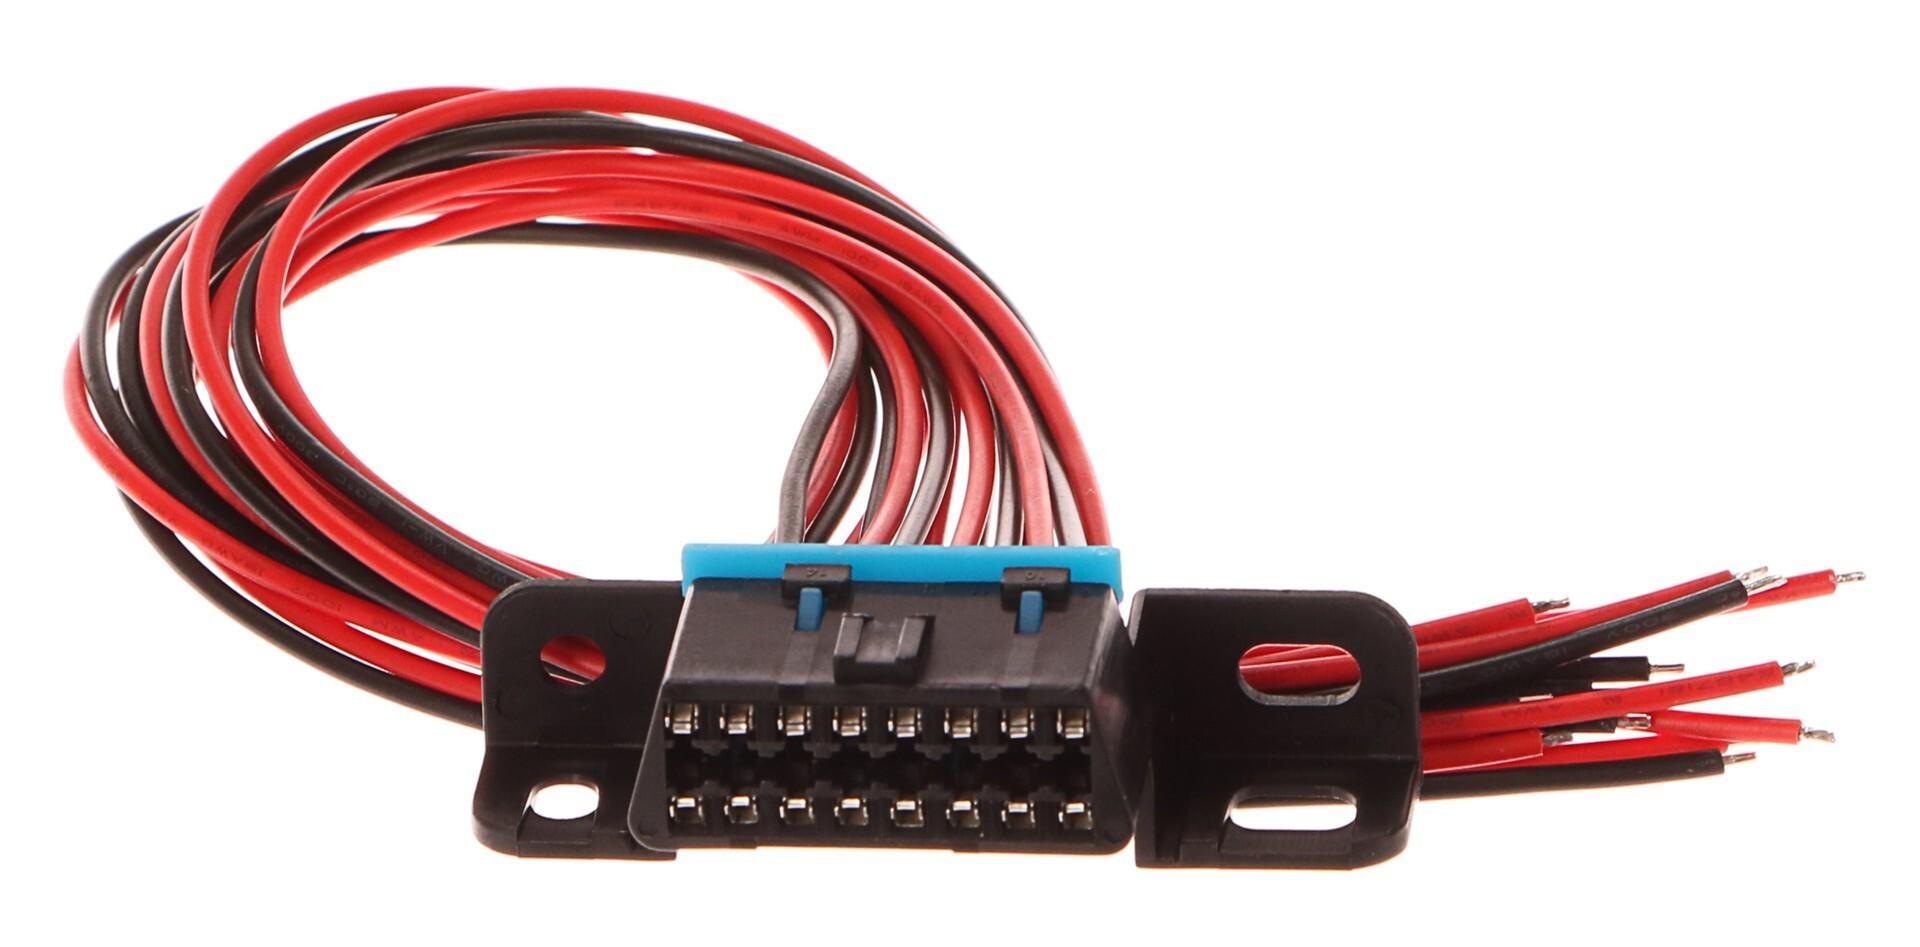 Zásuvka OBD2 s 16 piny, s 30 cm propojovacími kabely - SIXTOL